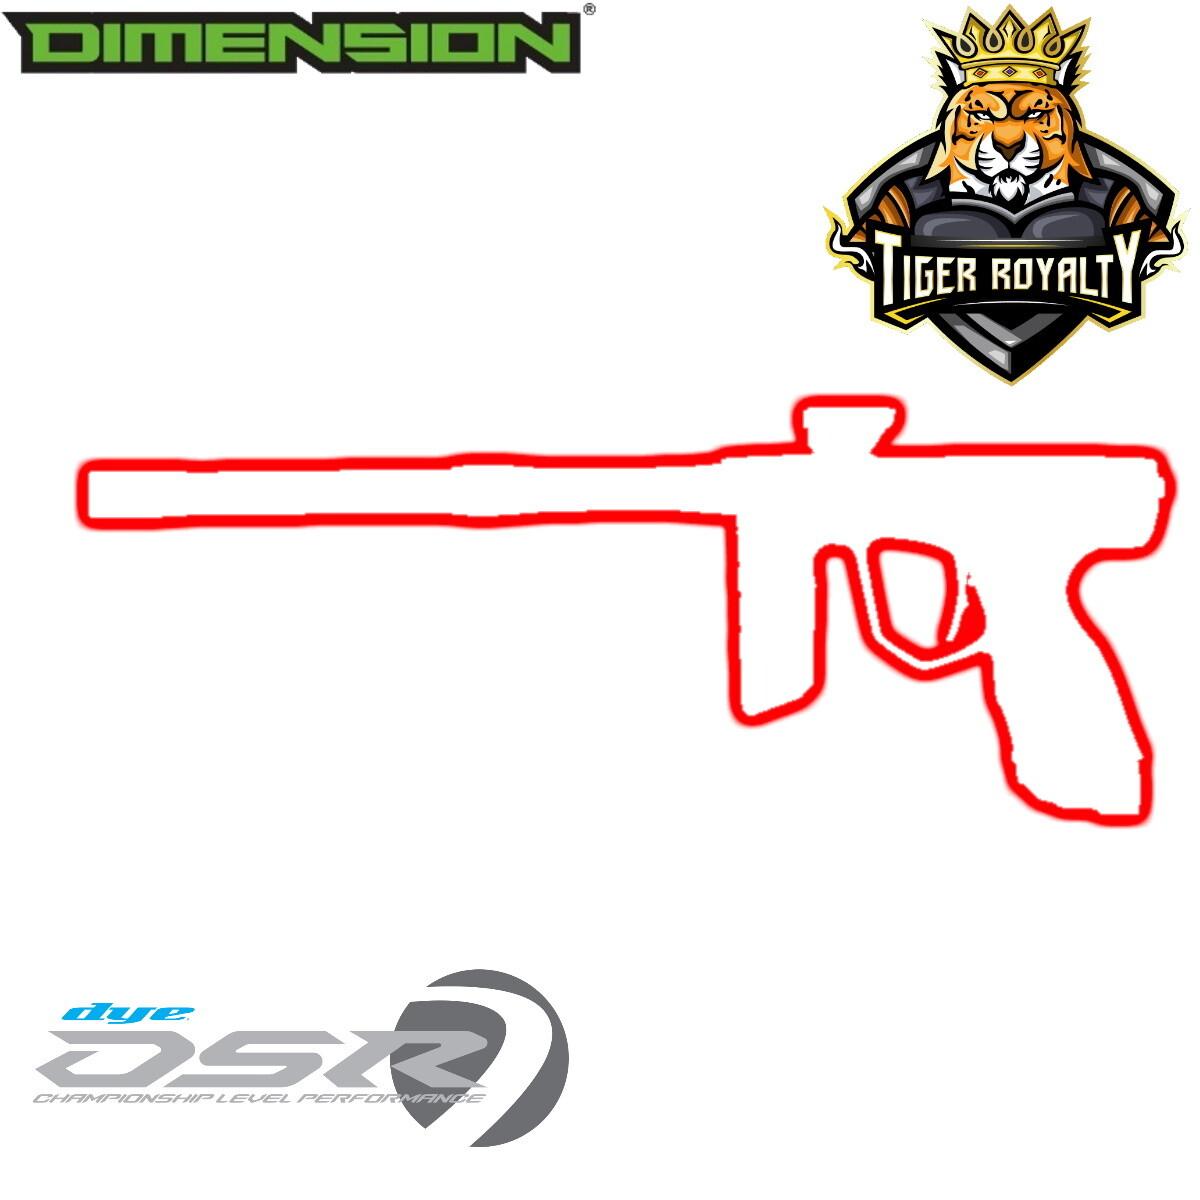 Dye DSR - Dimension Limited Edition 1 of 1 / Tiger Royalty - Buckeye